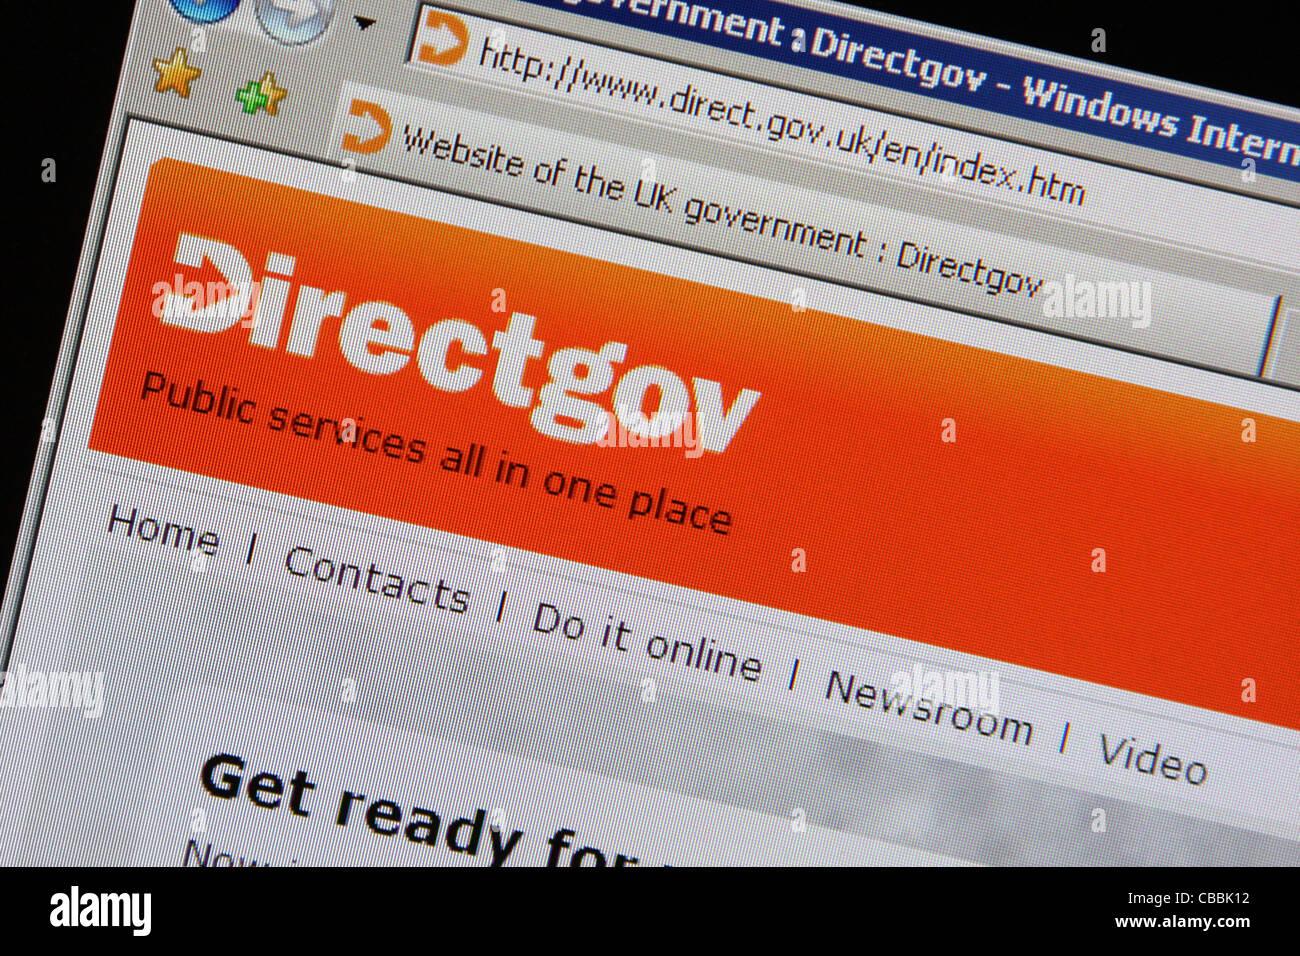 directgov direct.gov.uk website - Stock Image